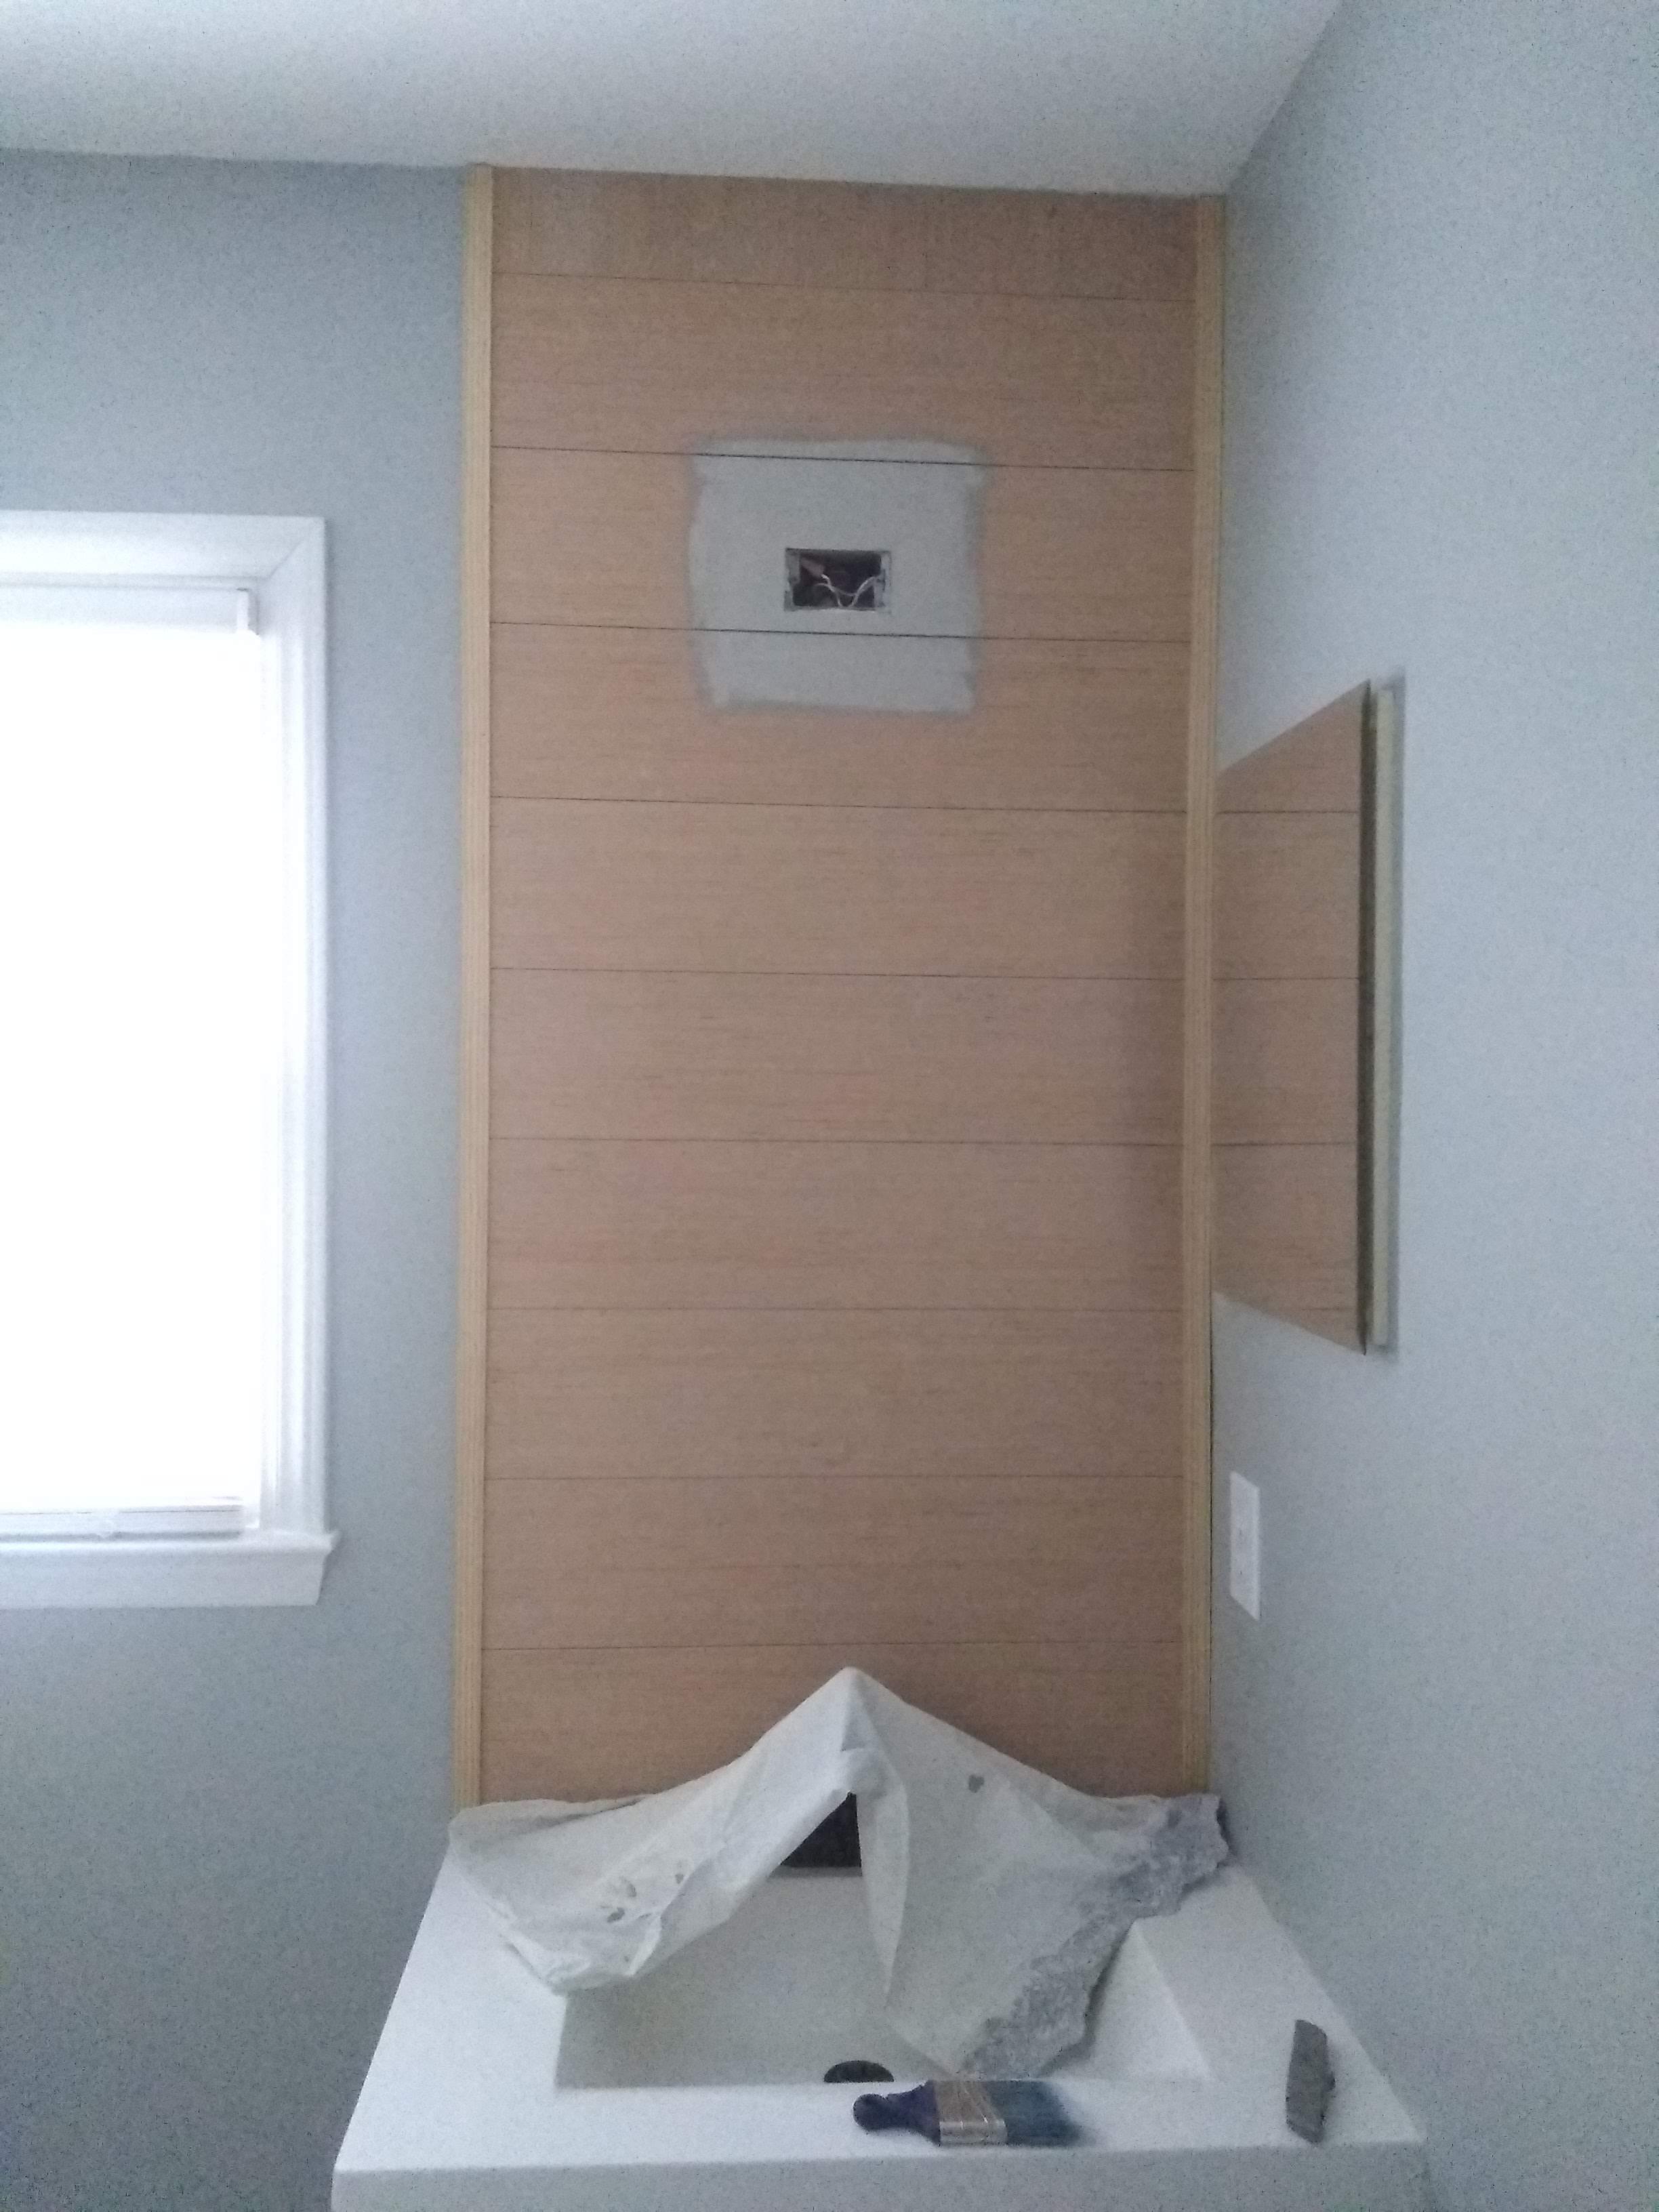 Elizabeth Burns Design | One Room Challenge Guest Bathroom on a Budget - Installing Shiplap 3